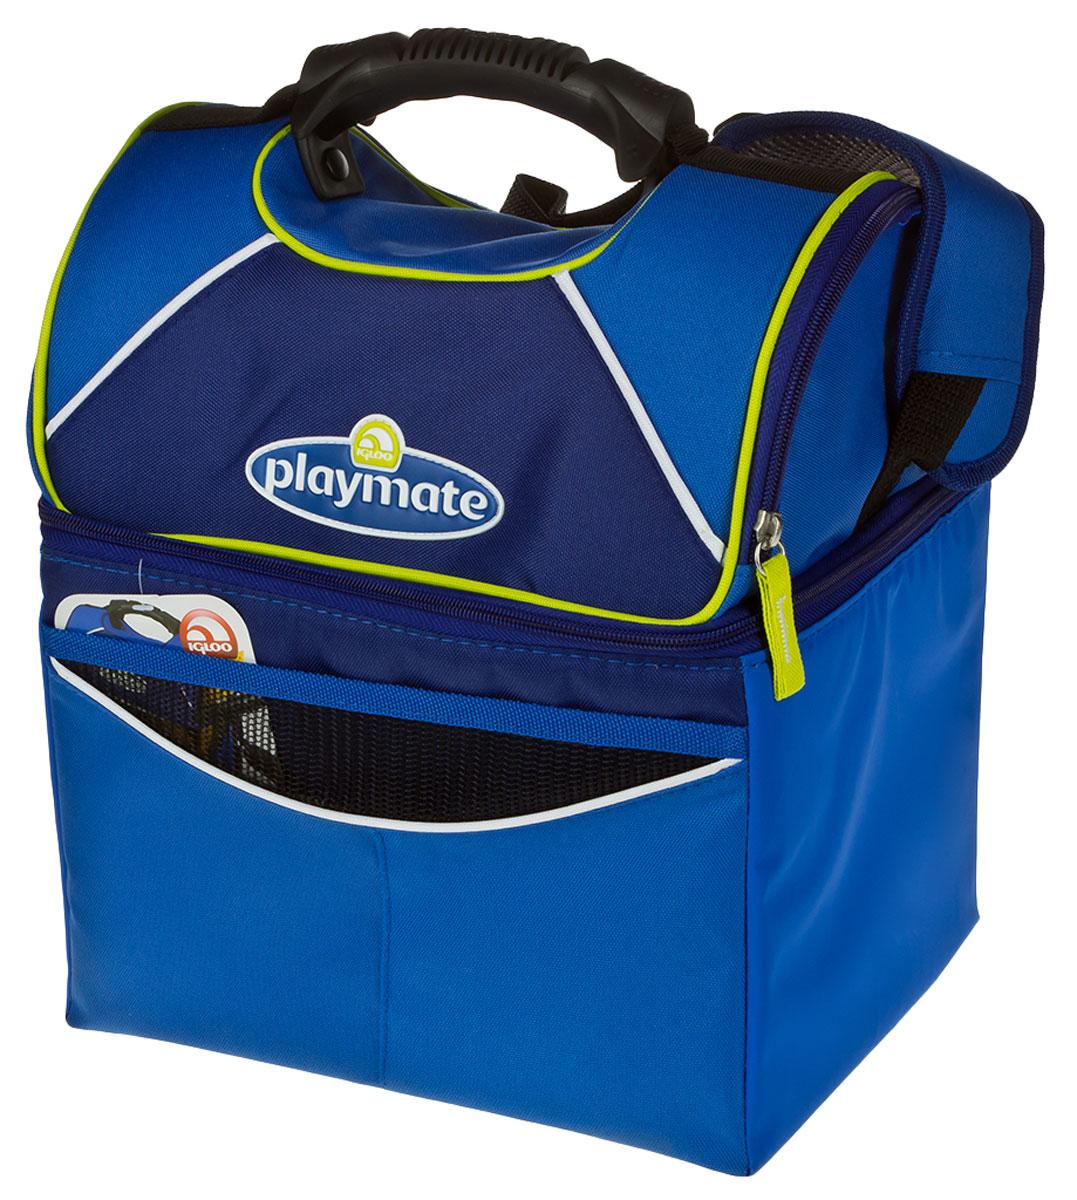 Сумка-термос Igloo PM GRIPPER 22, цвет: синийP2015Малая изотермическая сумка с регулируемым по длине плечевым ремнем на мягкой плечевой подложке, фронтальным карманом и карманом-сеткой на внутренней части крышки. Превосходно подойдет для индивидуального, ежедневного использования.Преимущества:- Она легкая и вместительная изотермическая сумка идеальна для семейного отдыха.- Прочная и практичная в уходе внешняя ткань.- Внутренний отражающий слой с антибактериальным покрытием абсолютно герметичен.- Надежная изоляция обеспечивает продолжительное сохранение температуры продуктов.- Внешний карман для мелких предметов.- Внутренний карман-сетка.- Регулируемый по длине ремень для переноски на плече c мягкой, противоскользящей подушкой.- Опция бокового доступа к карману-сетке в верхней части крышки.Длина: 29,2 см.Ширина: 24,1 см. Высота: 35,6 см.